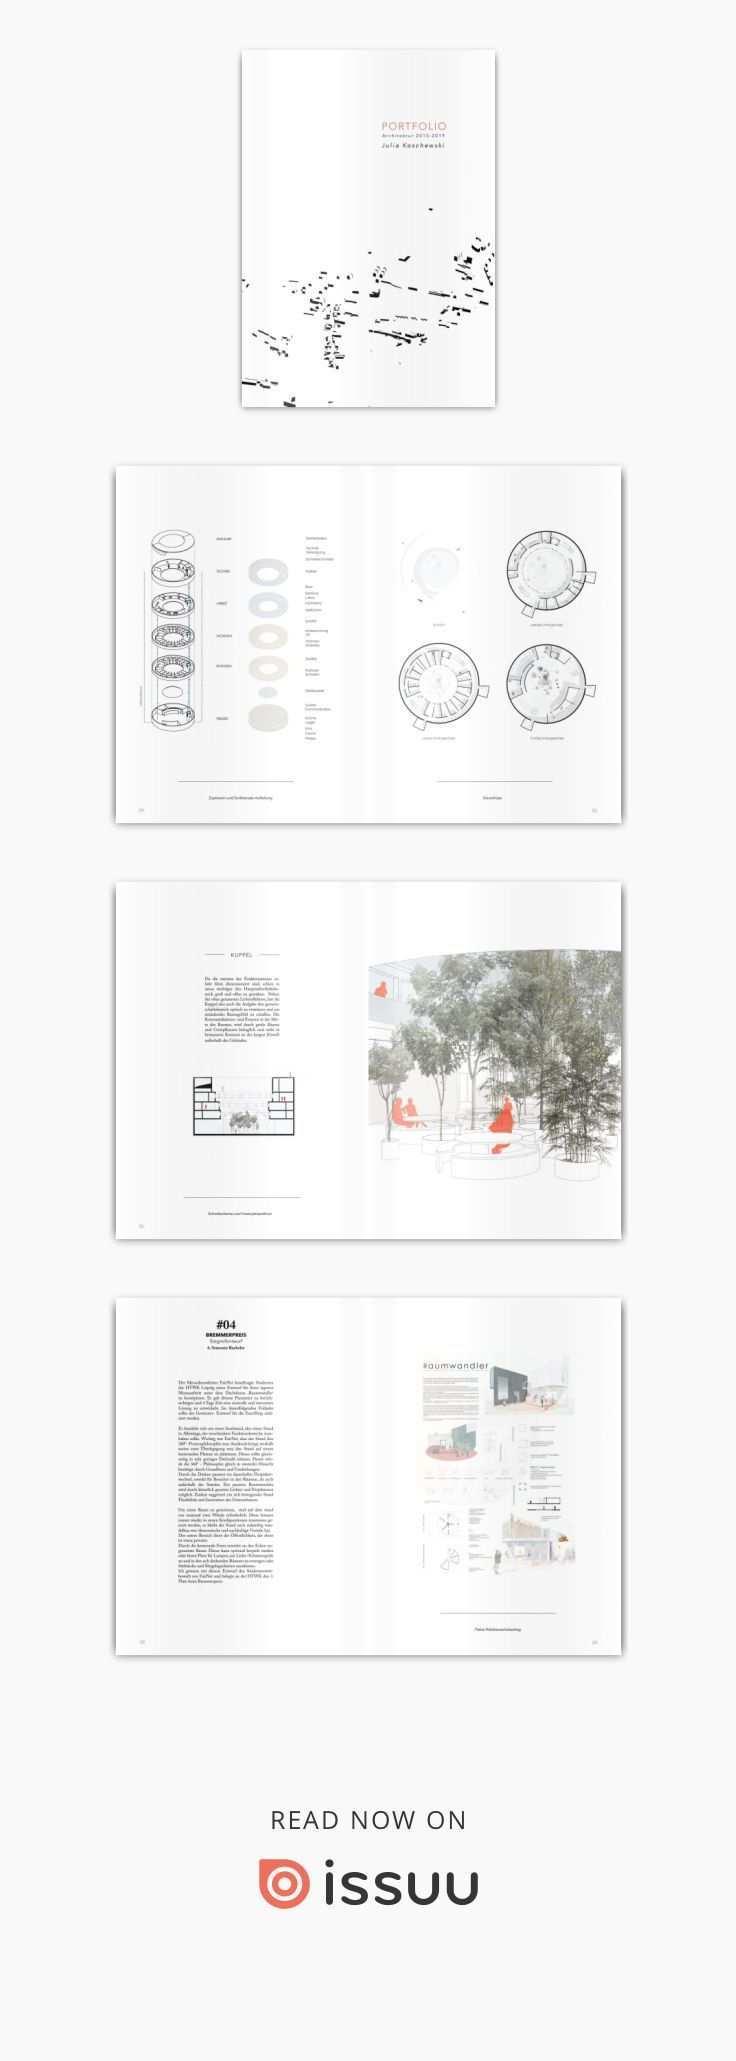 Architecture Portfolio 2019 By Julia Koschewski Collected Works 2015 2019 Architectural Studies Htwk Leipzig Germany In 2020 Architektur Portfolio Leben Portfolio